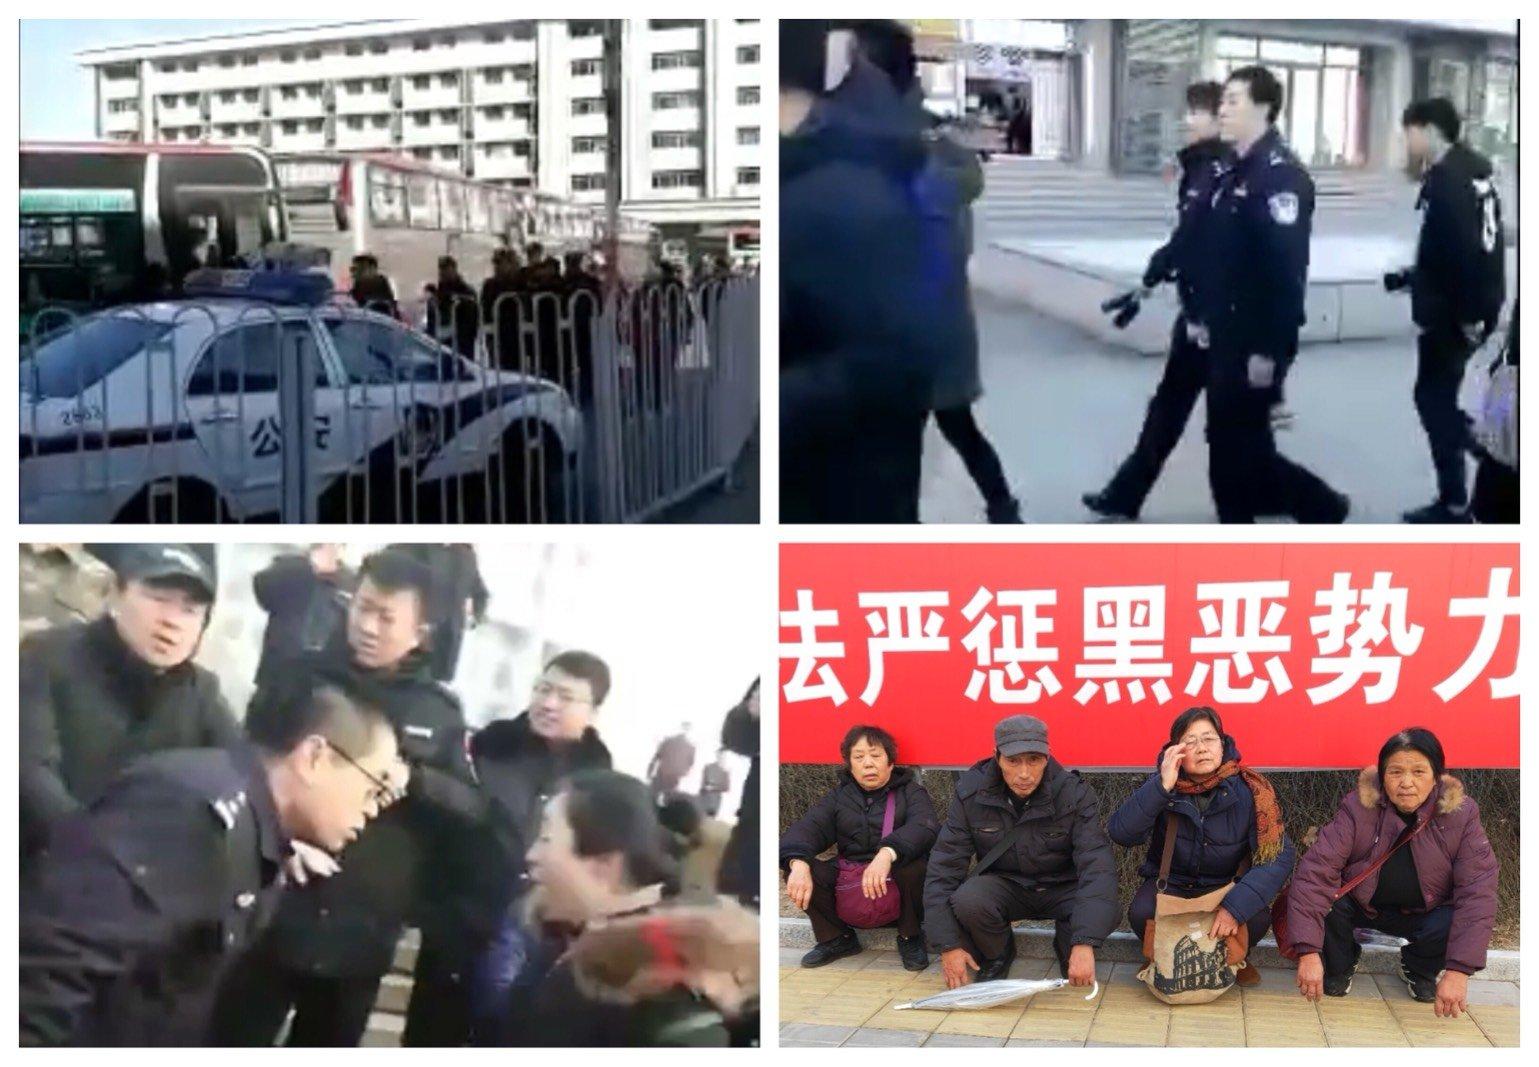 中共「兩會」即將舉行。近日,大陸各地嚴控訪民,北京、天津車站都有大批警察攔截訪民,還有訪民被關黑監獄,逼簽承諾書等。(大紀元合成圖)